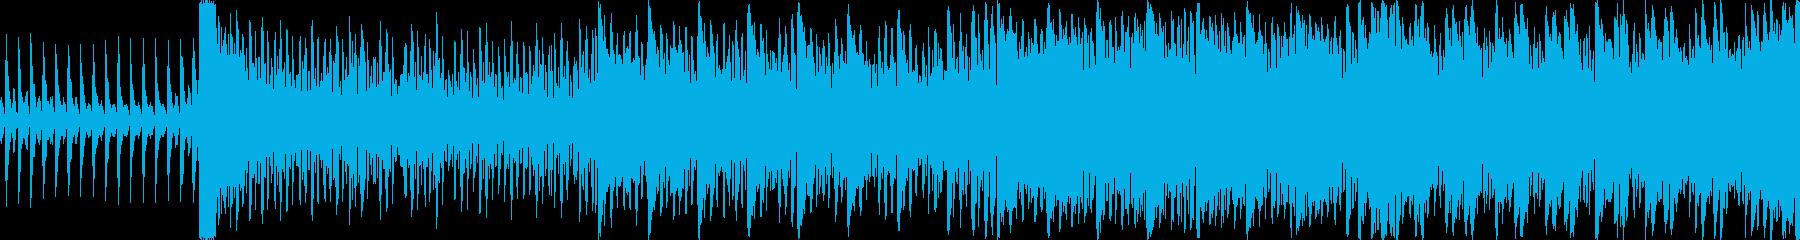 クラシック。リトルモダンバッハ。ロ...の再生済みの波形